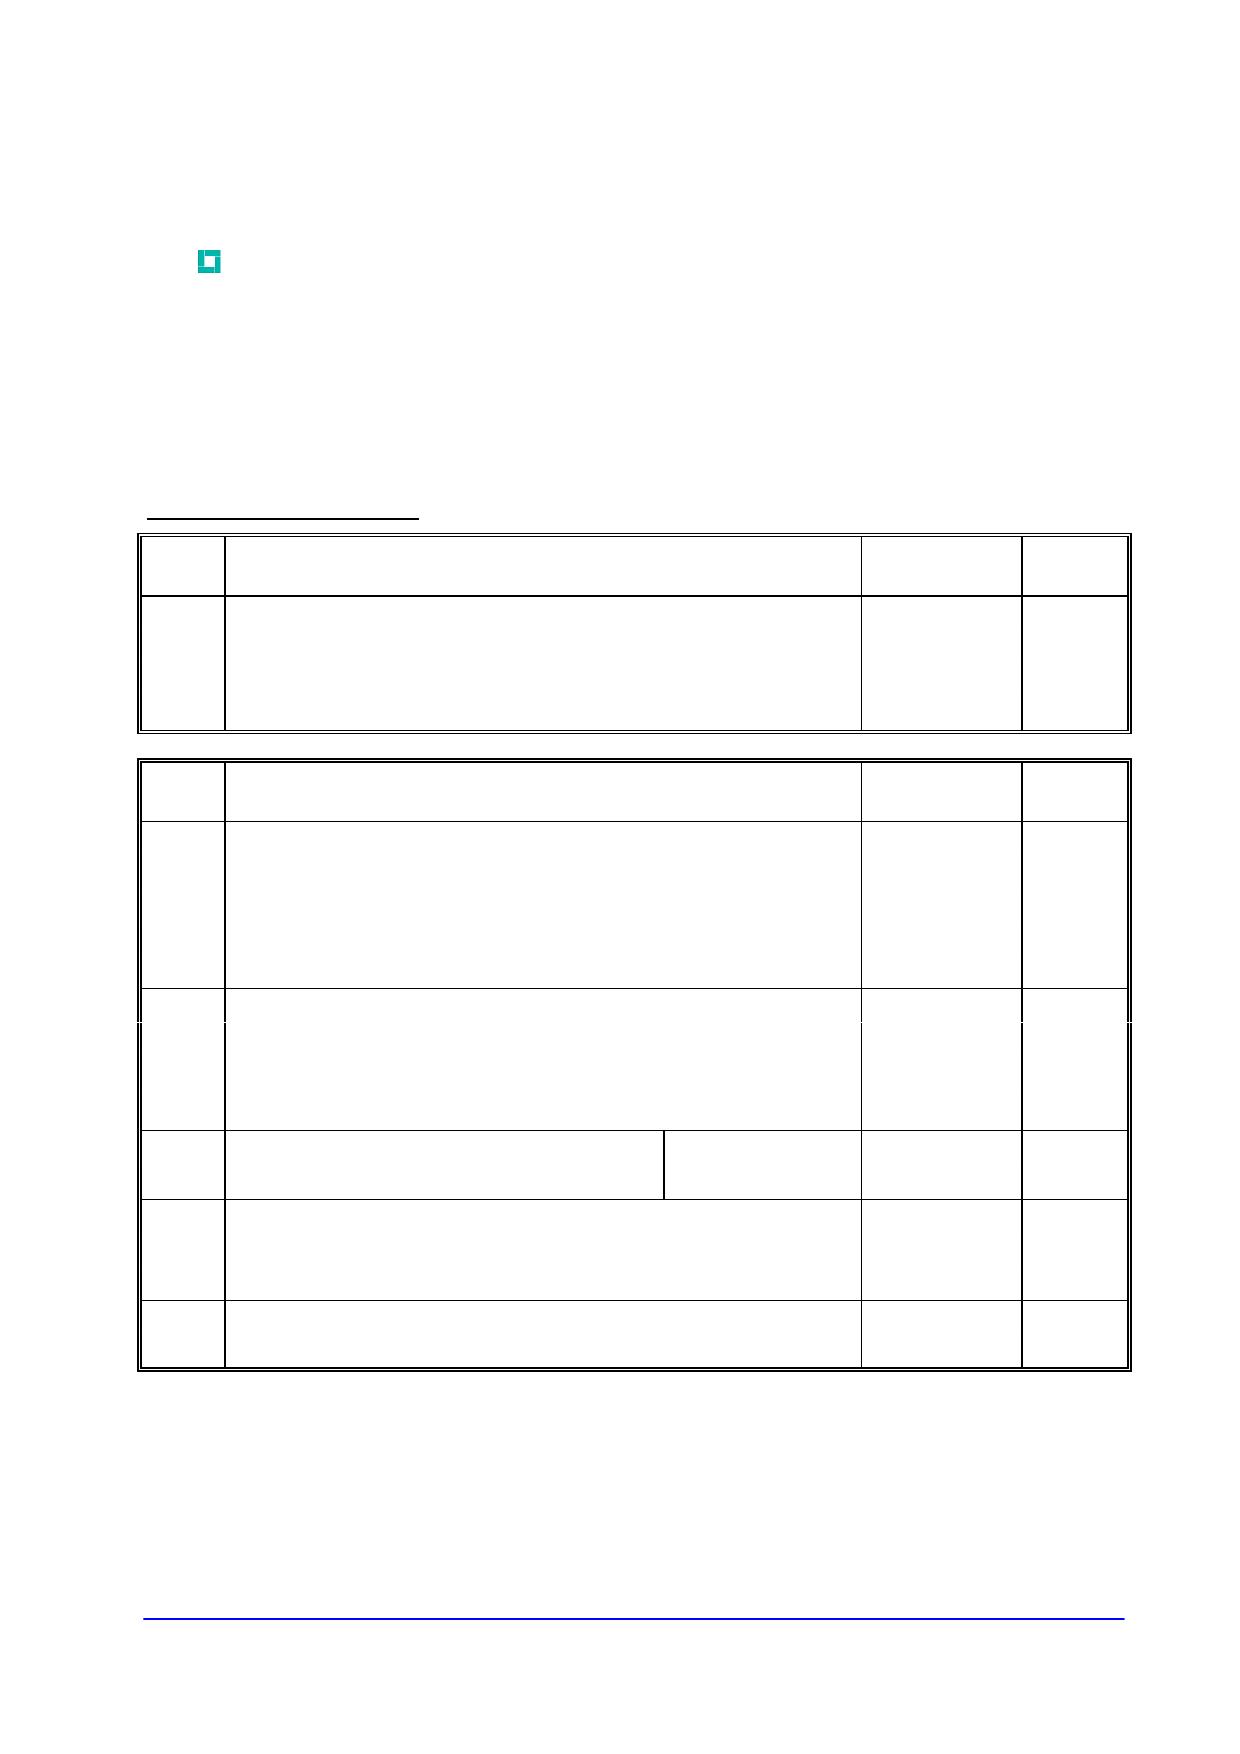 K0443LC620 datasheet